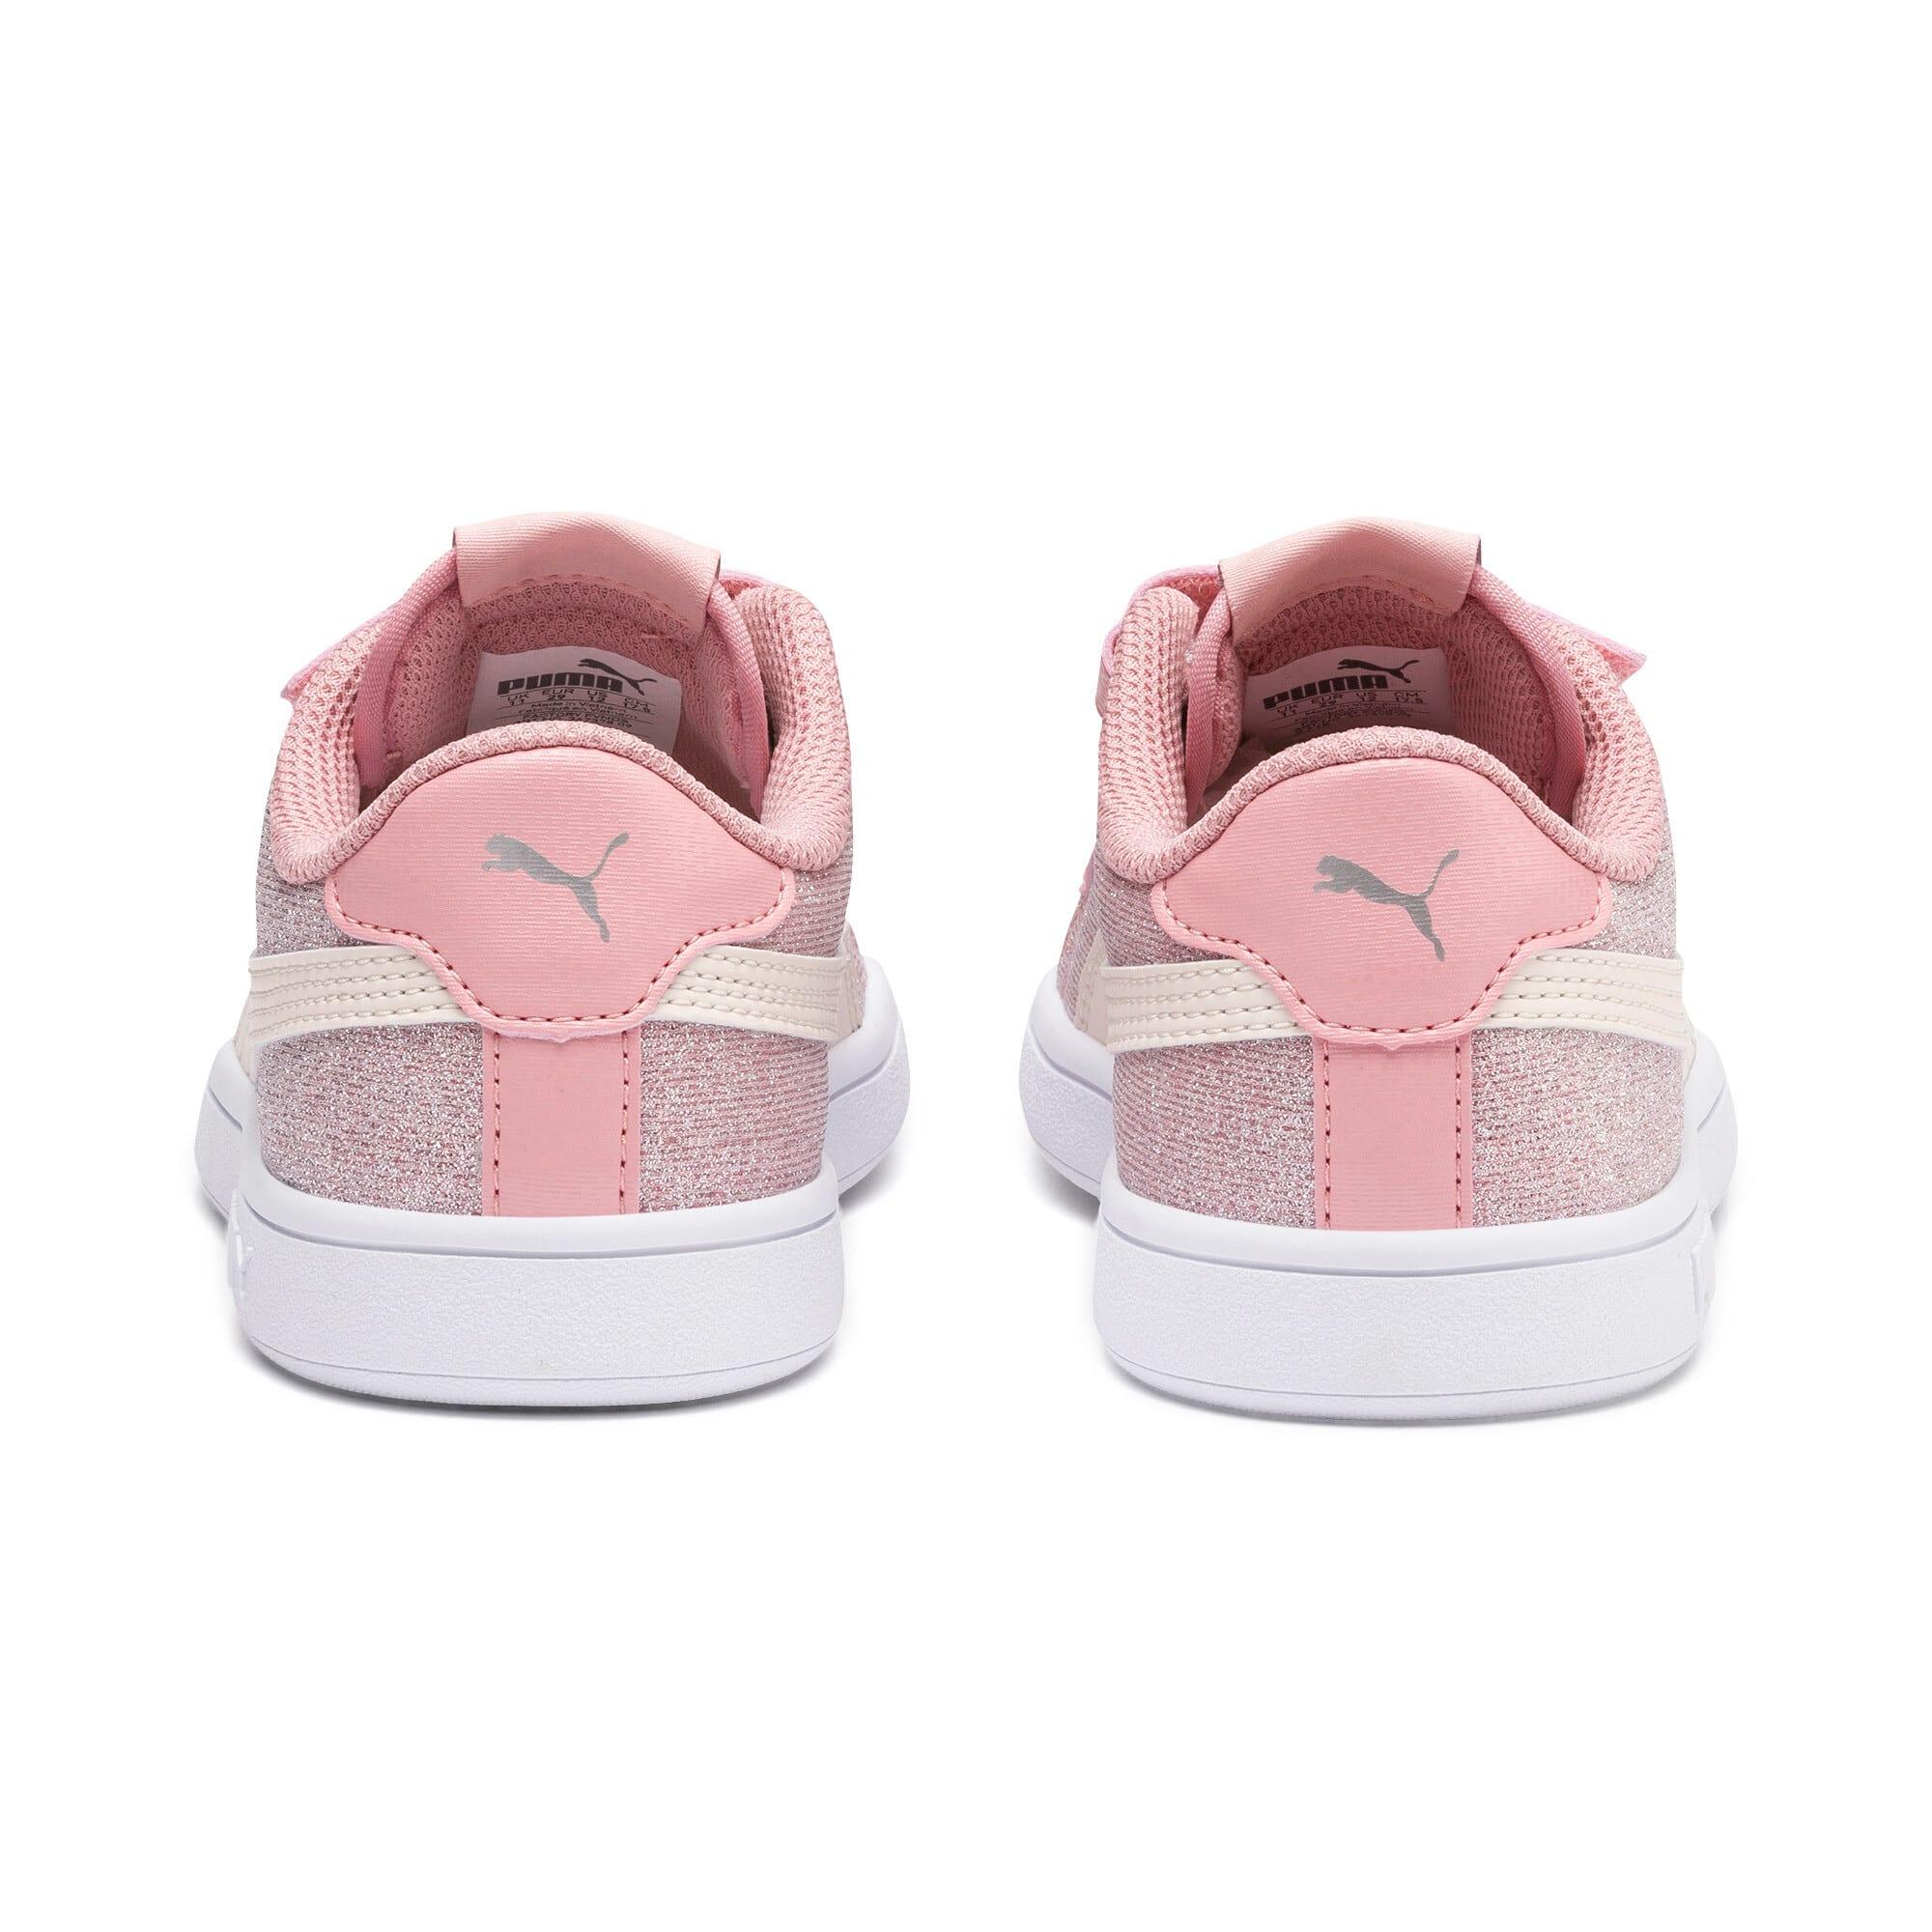 Thumbnail 3 of PUMA Smash v2 Glitz Glam Kids Mädchen Sneaker, B Rose-P Parchment-Silv-Wht, medium